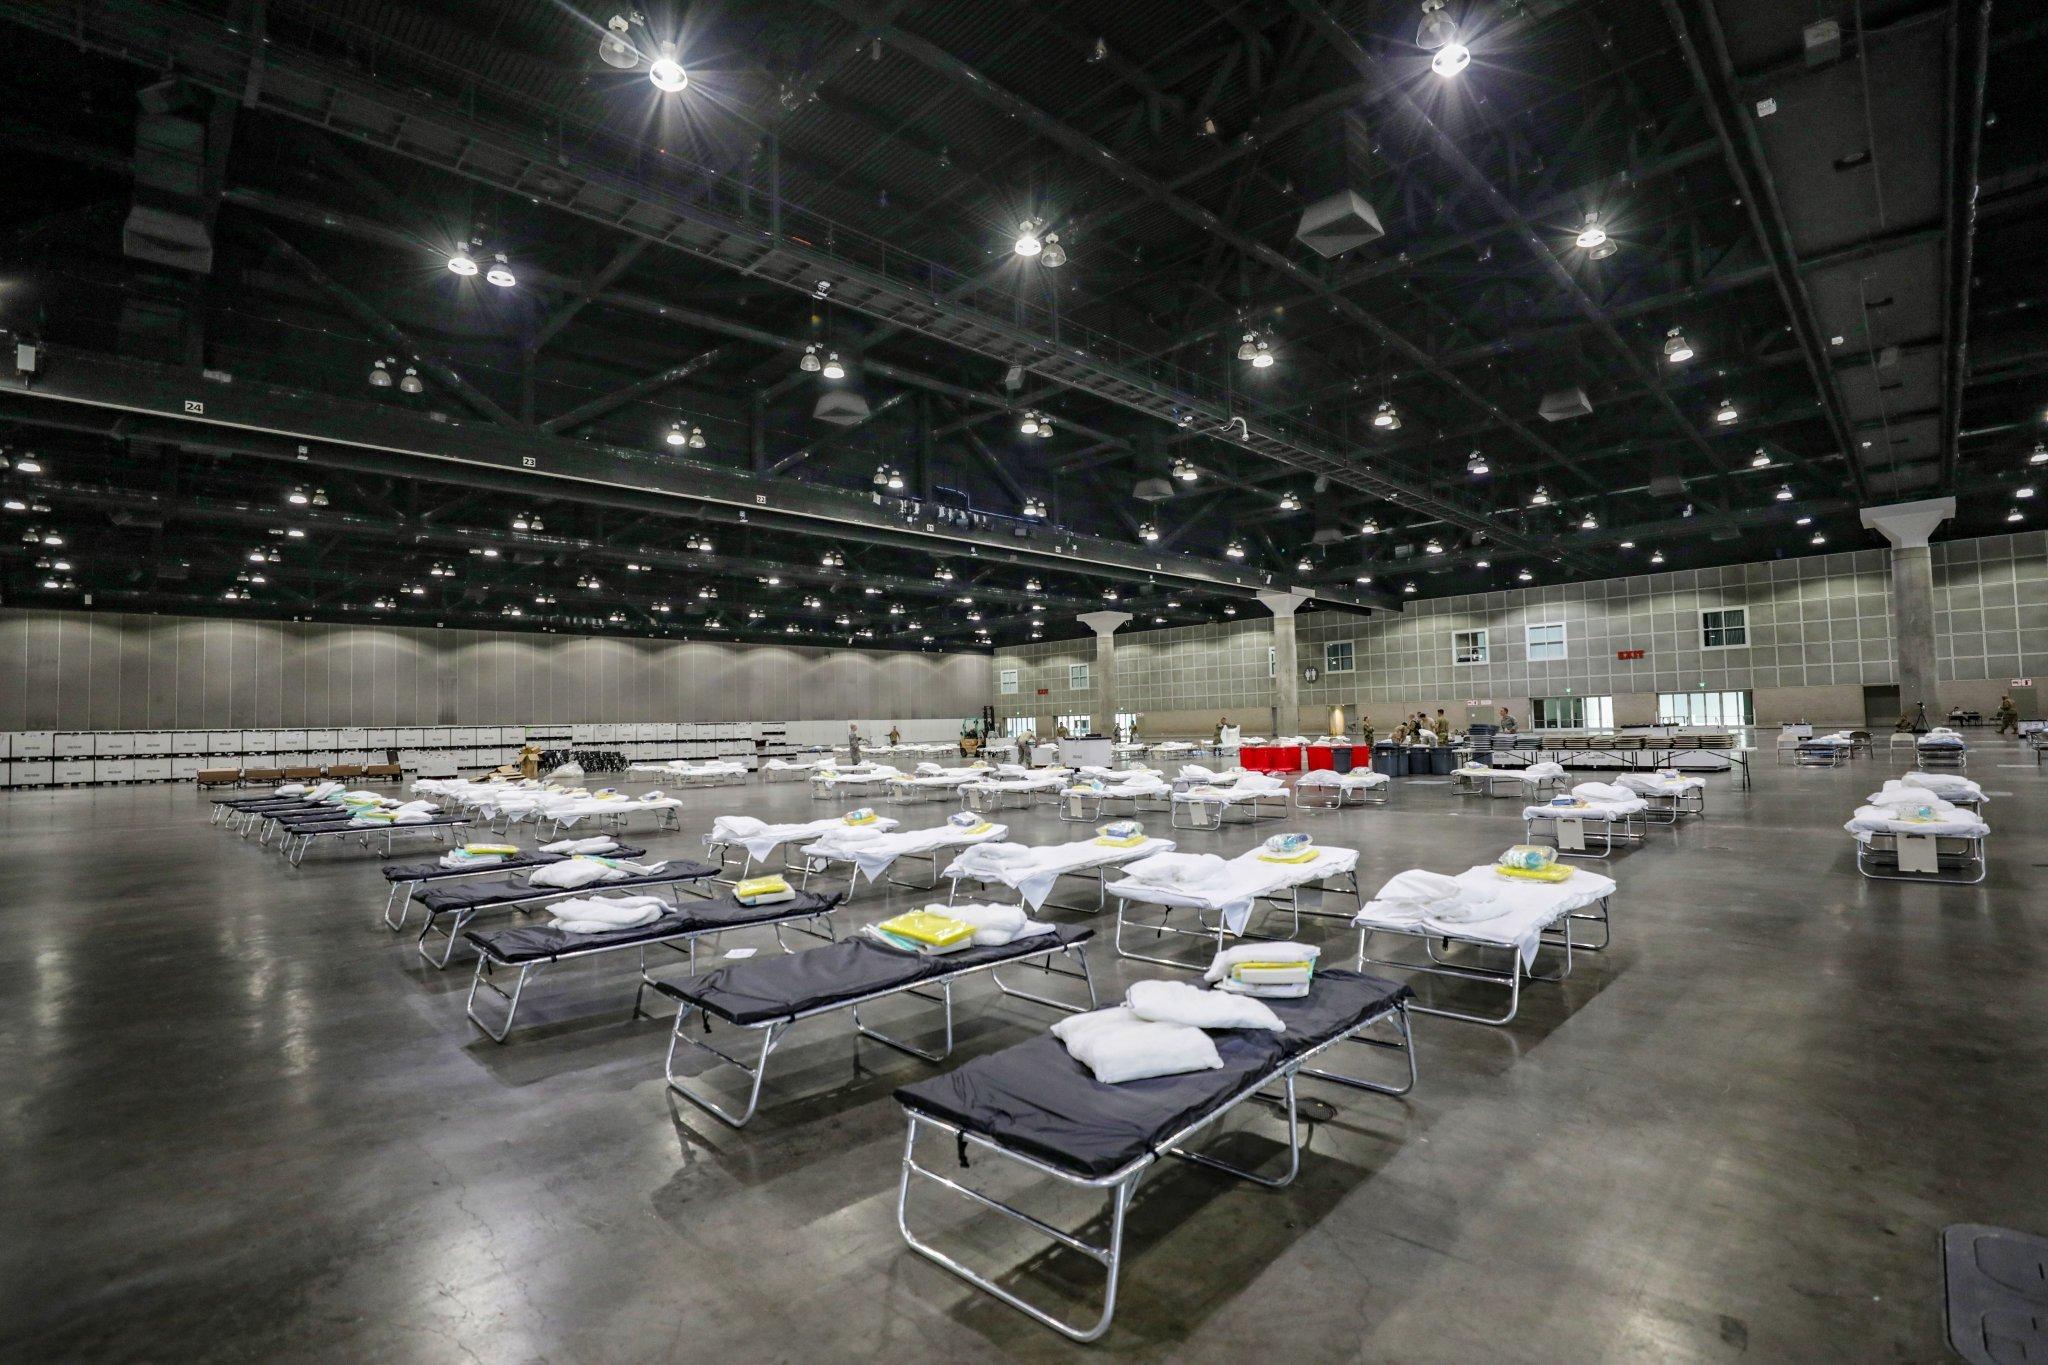 湖人主场或将改造成方舱医院